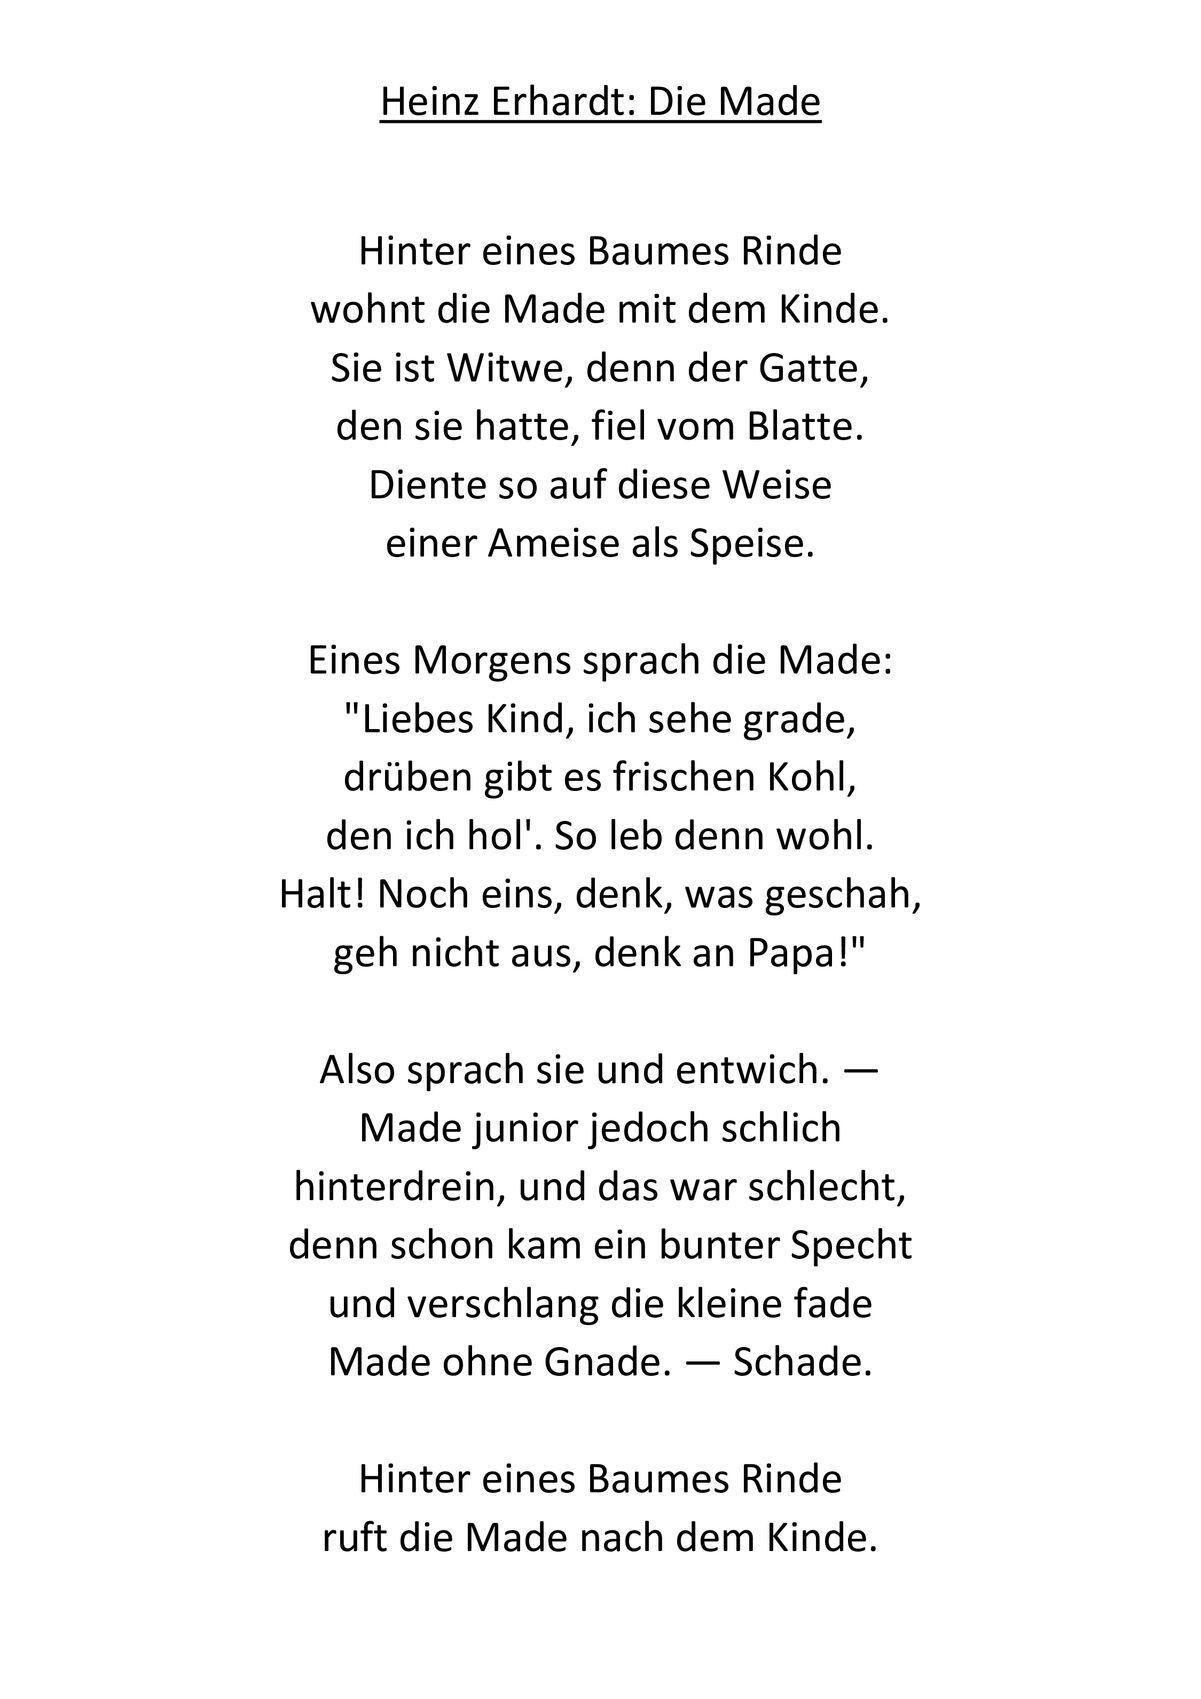 Die Made von Heinz Erhardt Arbeitsblätter | Heinz erhardt